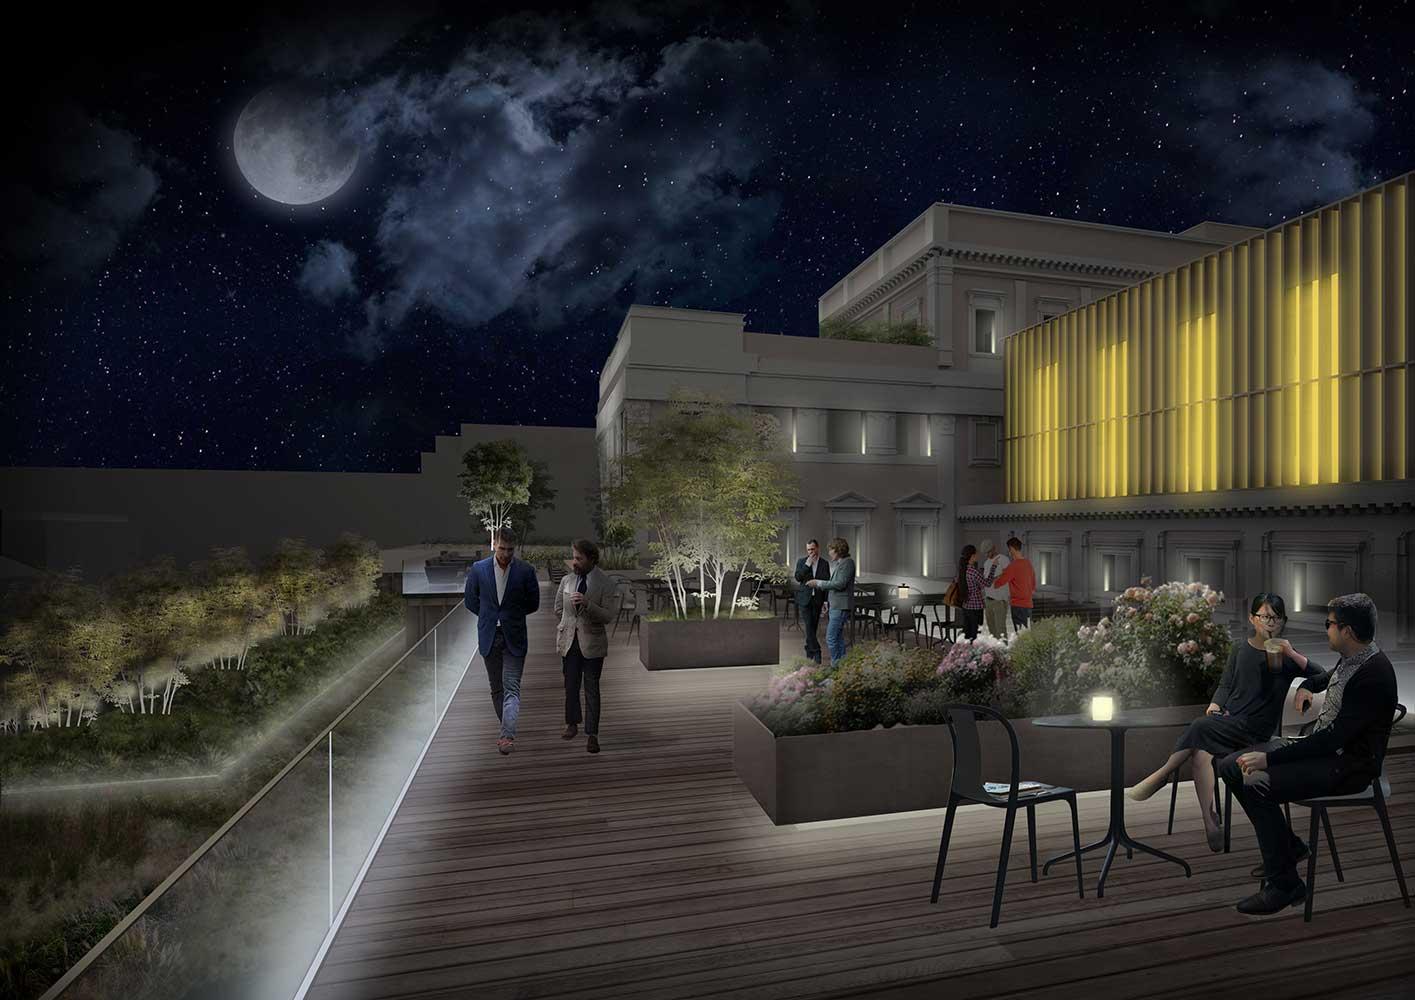 Progetto di illuminazione del complesso immobiliare della Zecca, Roma